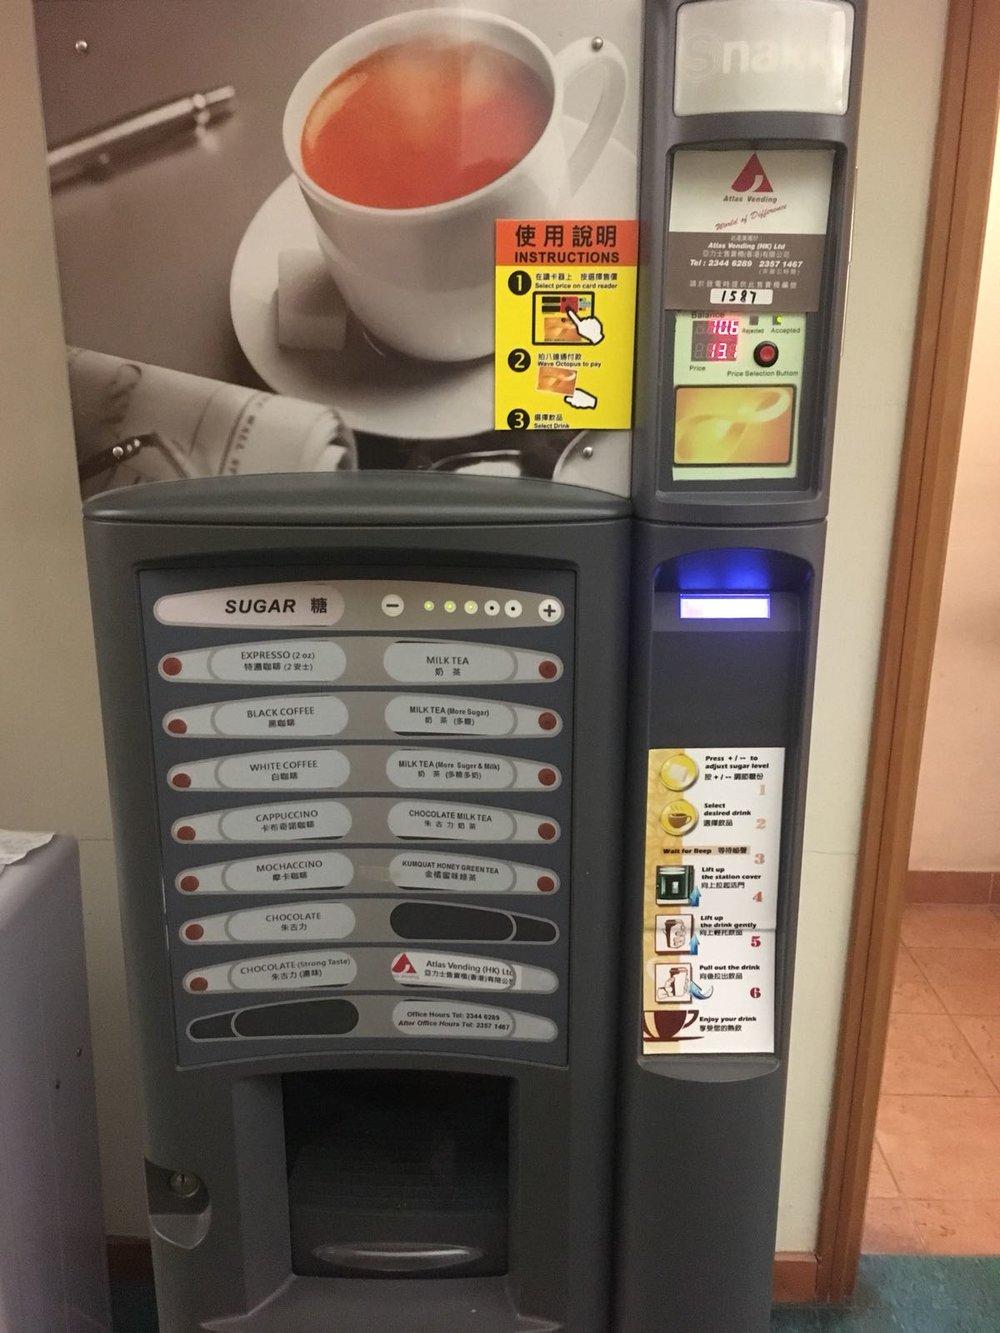 FreshUp,自動售賣機,自動販賣機,零食,飲品,方便,快捷,智能,醫管局,醫院,互動,咖啡機,熱飲